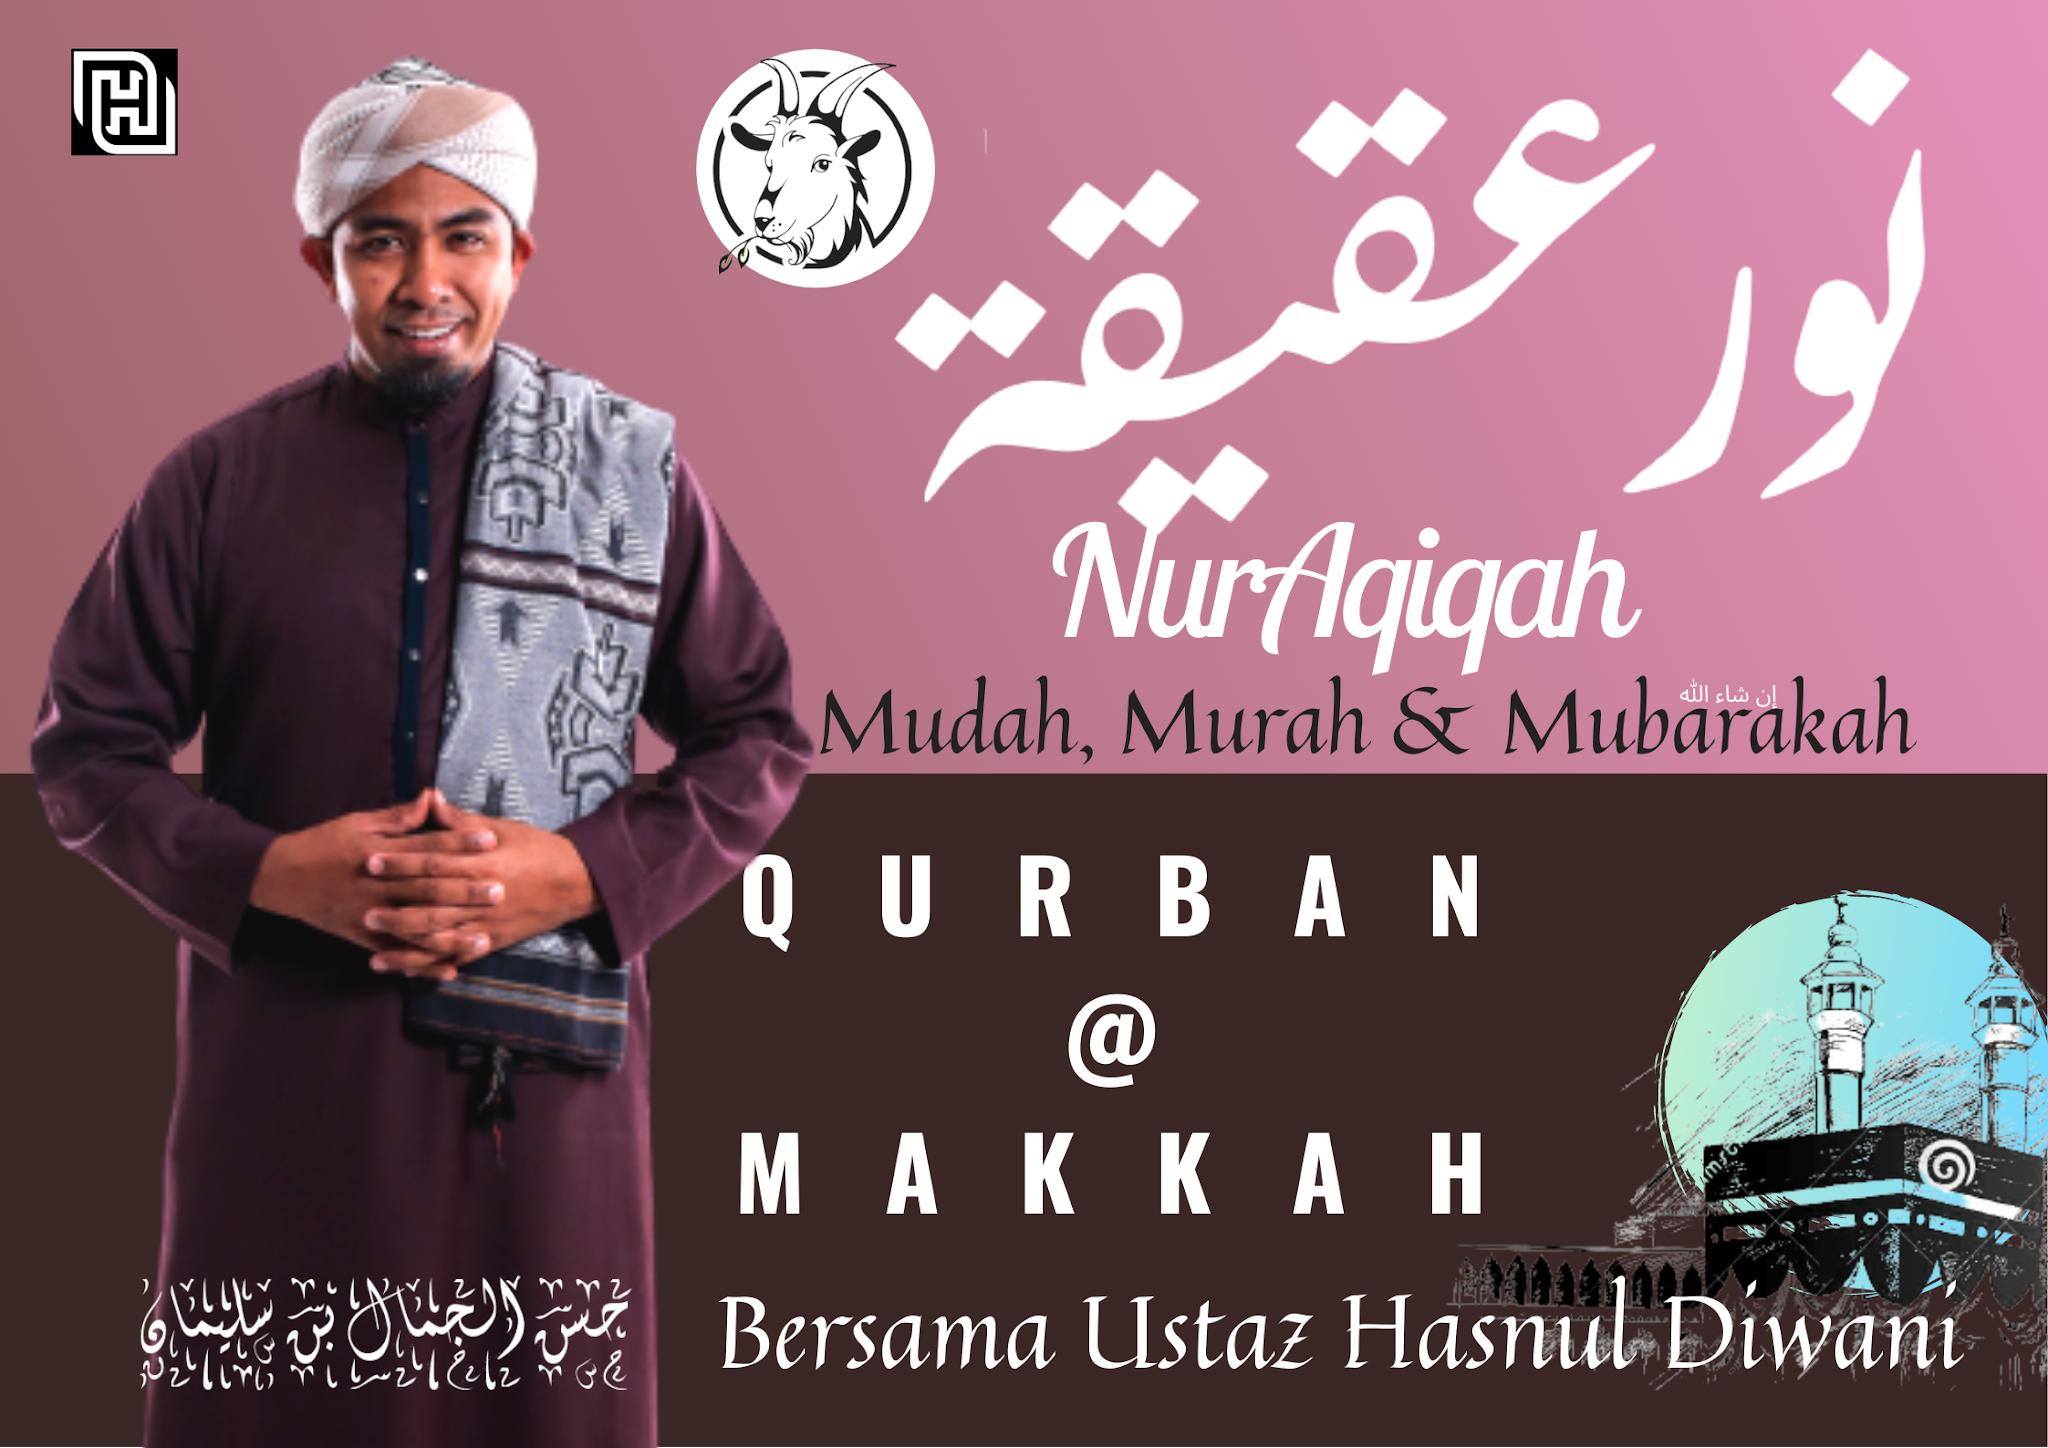 Tempahan Qurban Secara Online Melalui NurAqiqah 1442/2021 Di Tanah Suci Makkah